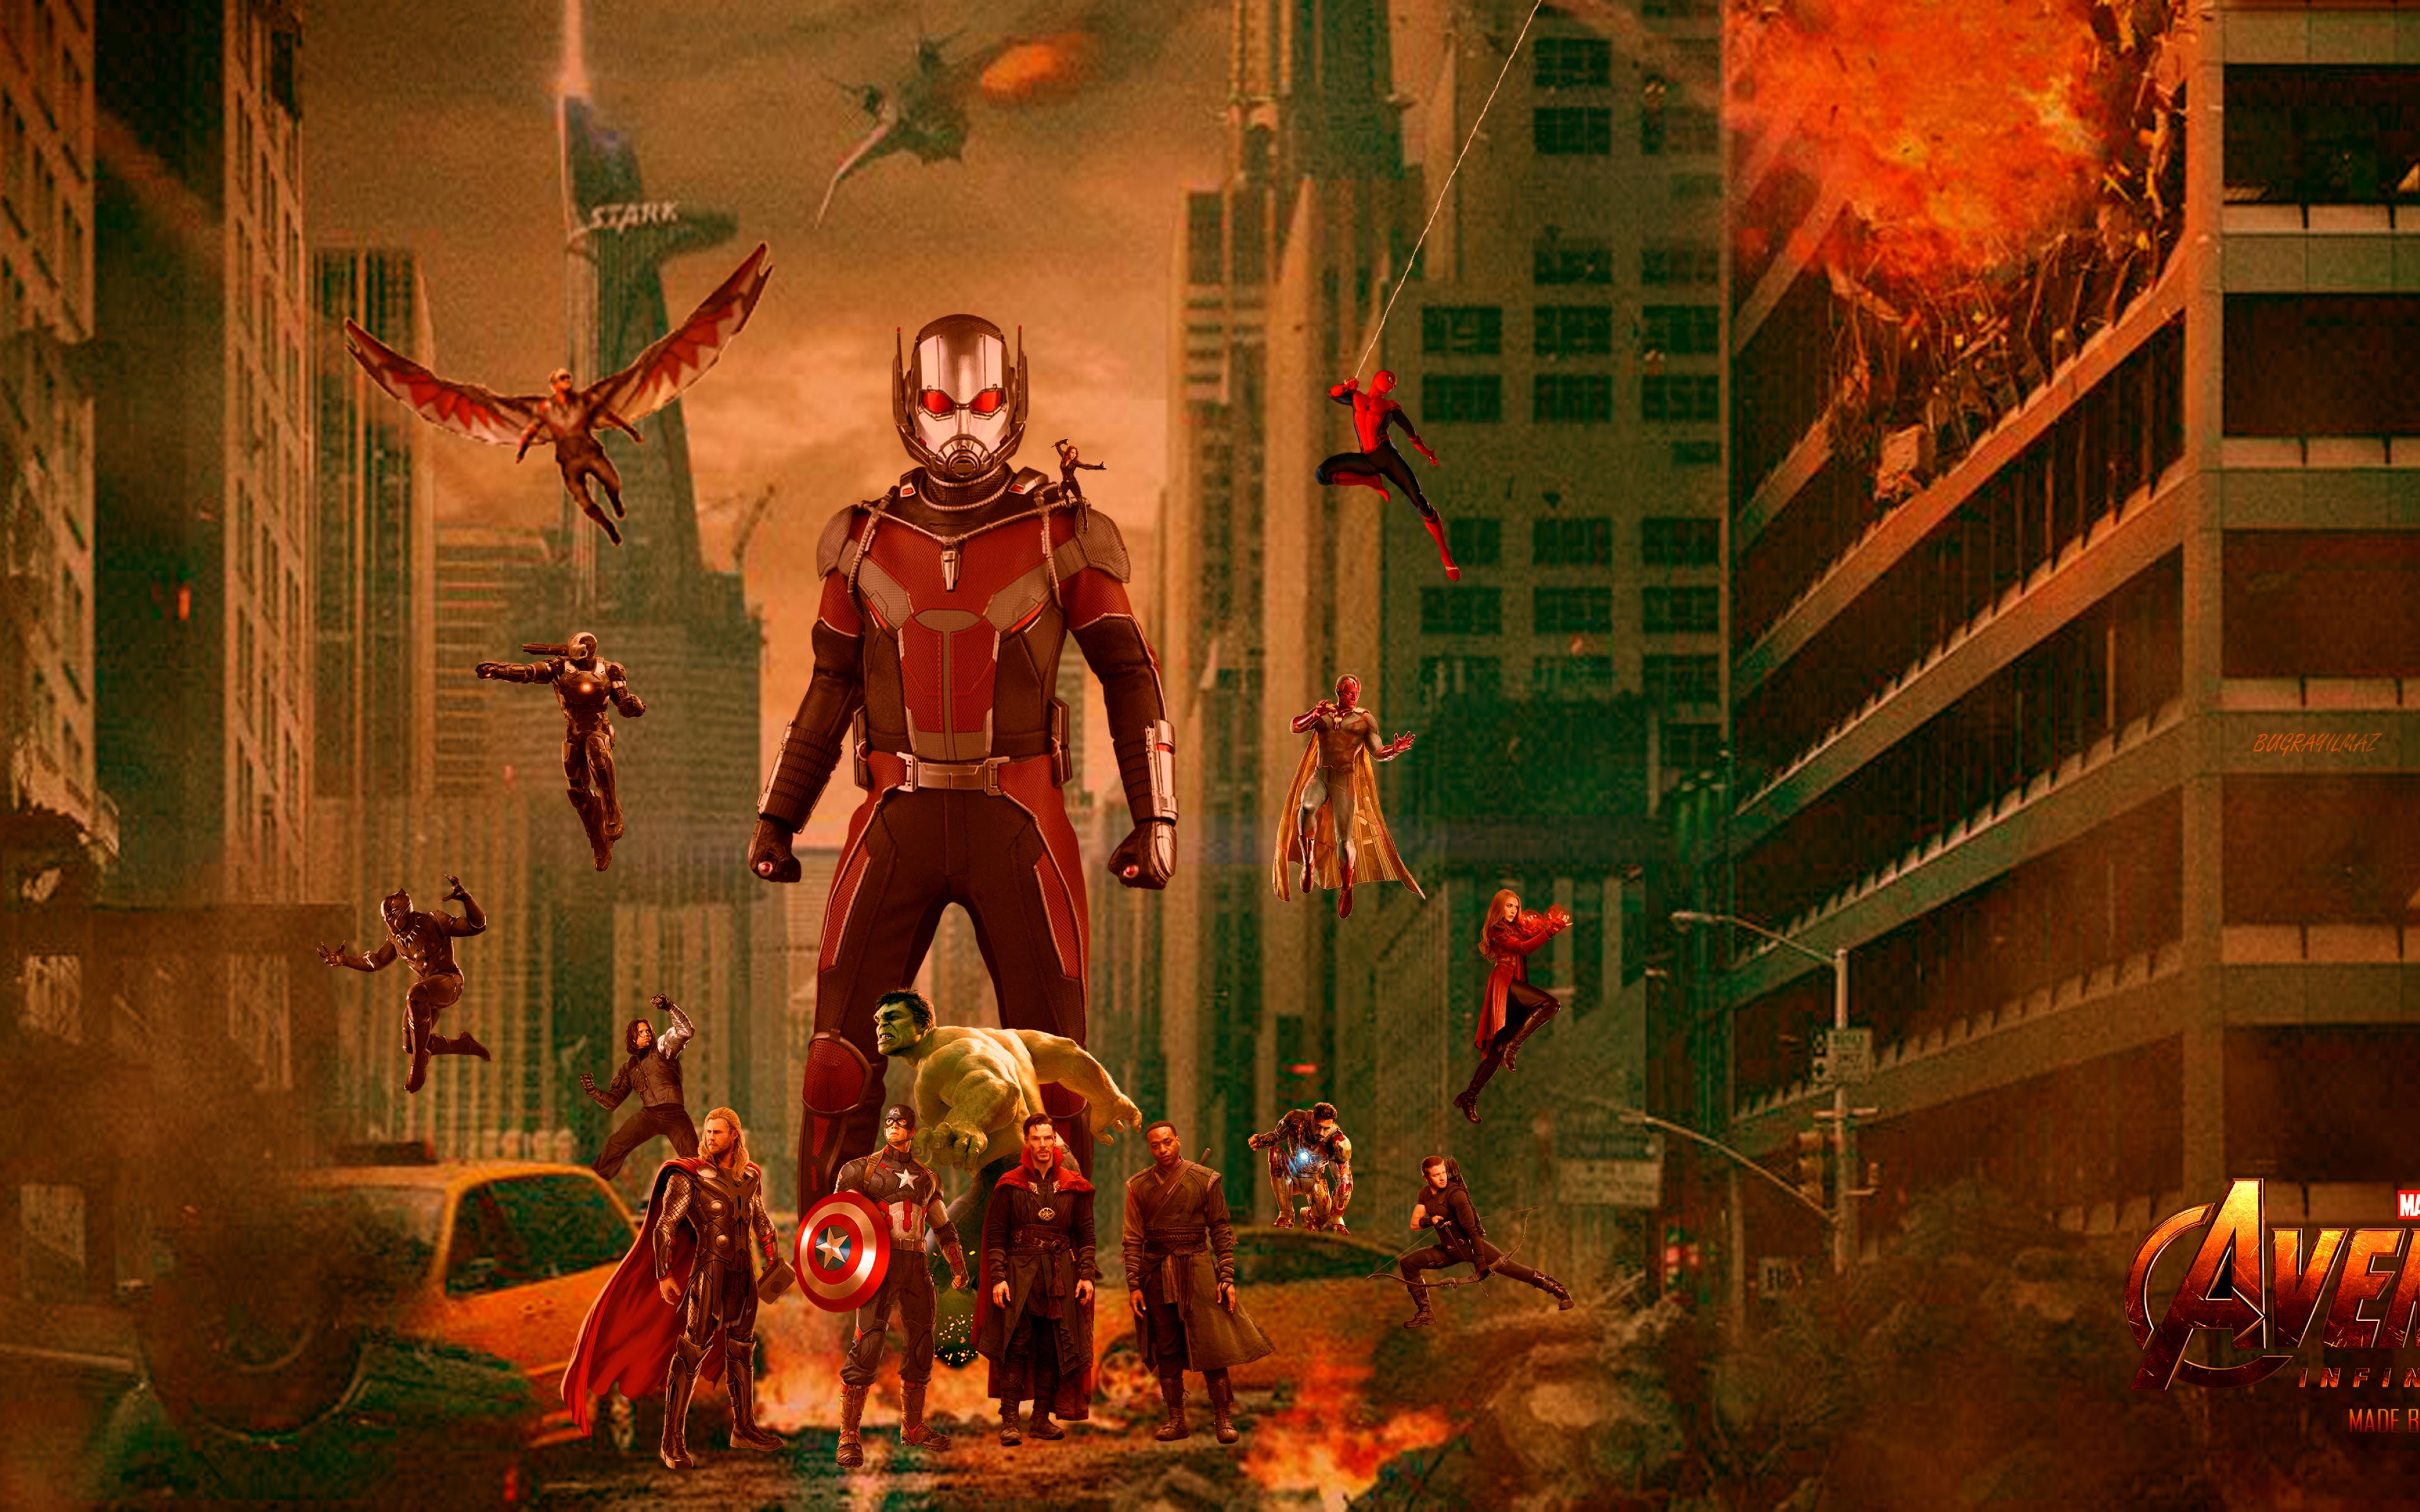 Wallpaper Fan Art 4k Pubattlegrounds: Avengers Infinity War Fan Art, HD 4K Wallpaper